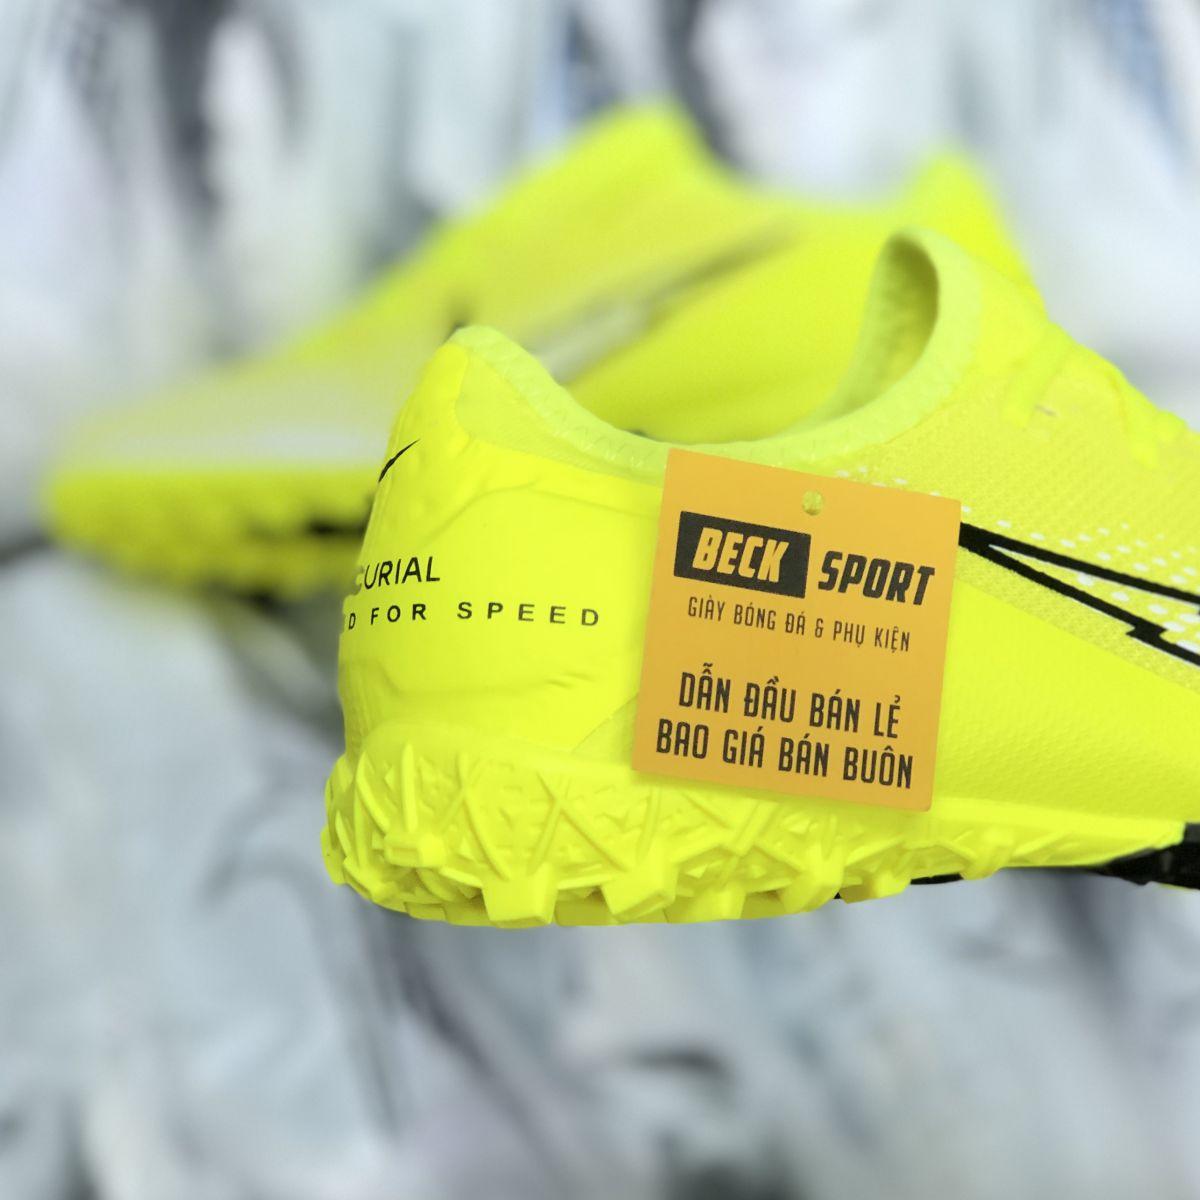 Giày Bóng Đá Nike Mercurial Vapor 13 Pro Vàng Vạch Đen V2 Cổ Lửng TF